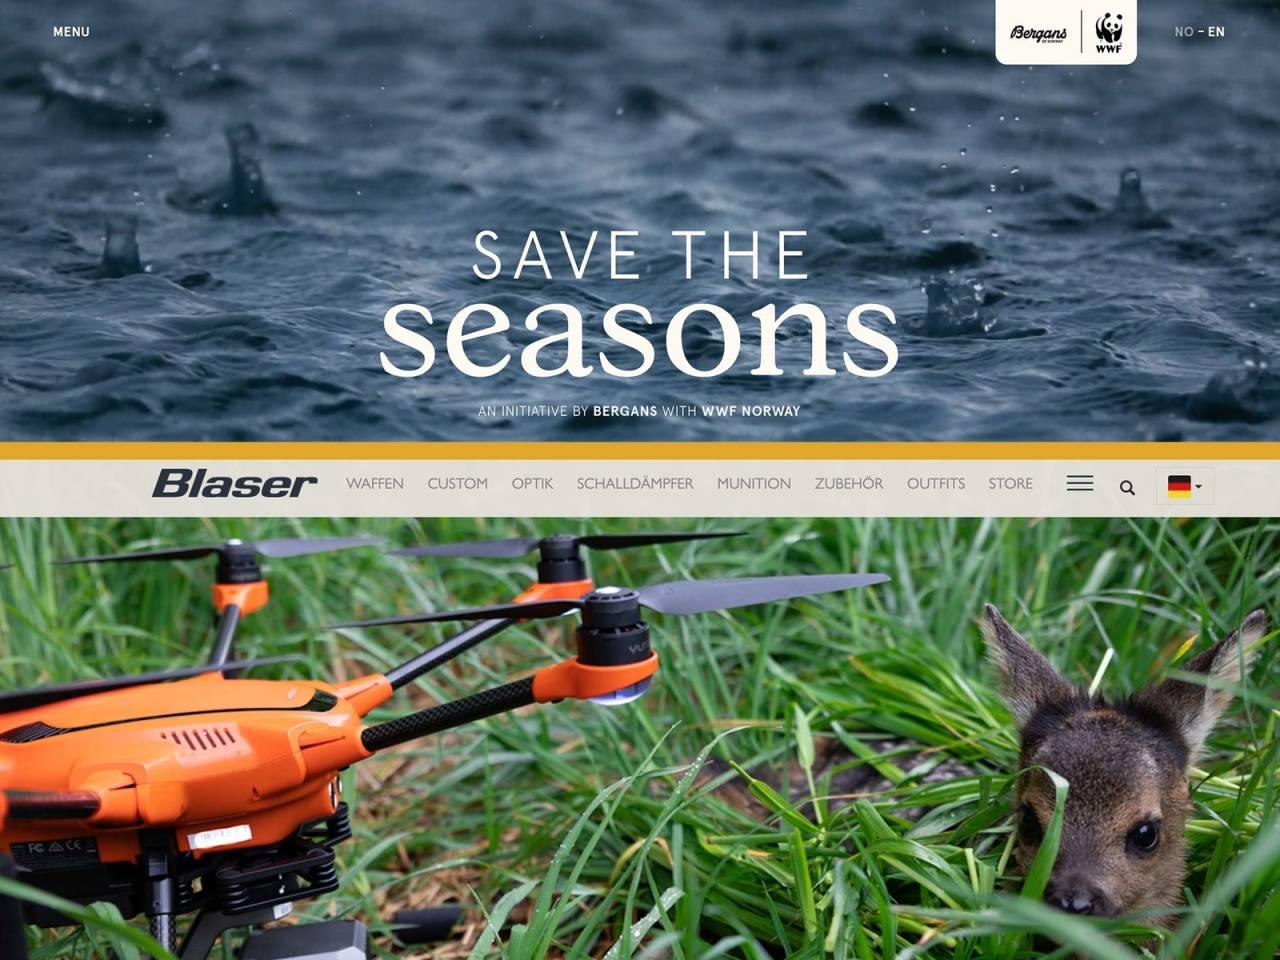 Blaser, Bergans, Save the seasons, rådyrkje